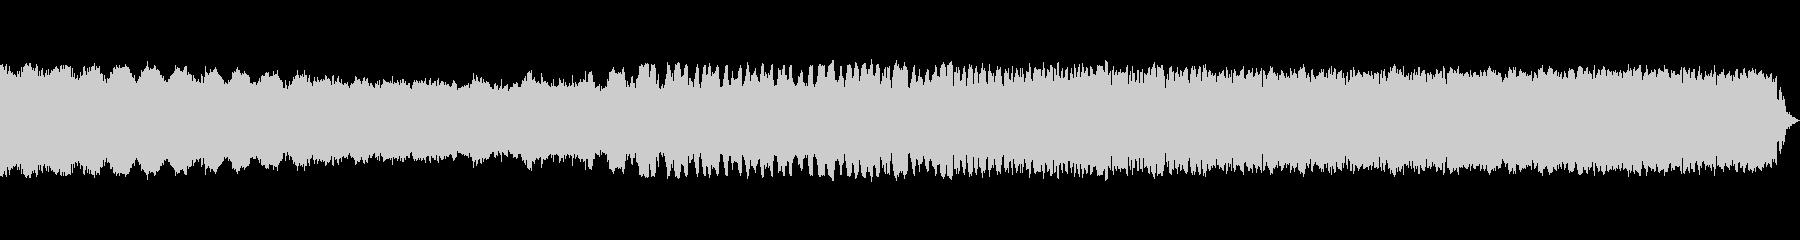 ヒュルルル ギュイーン(エネルギー充電)の未再生の波形